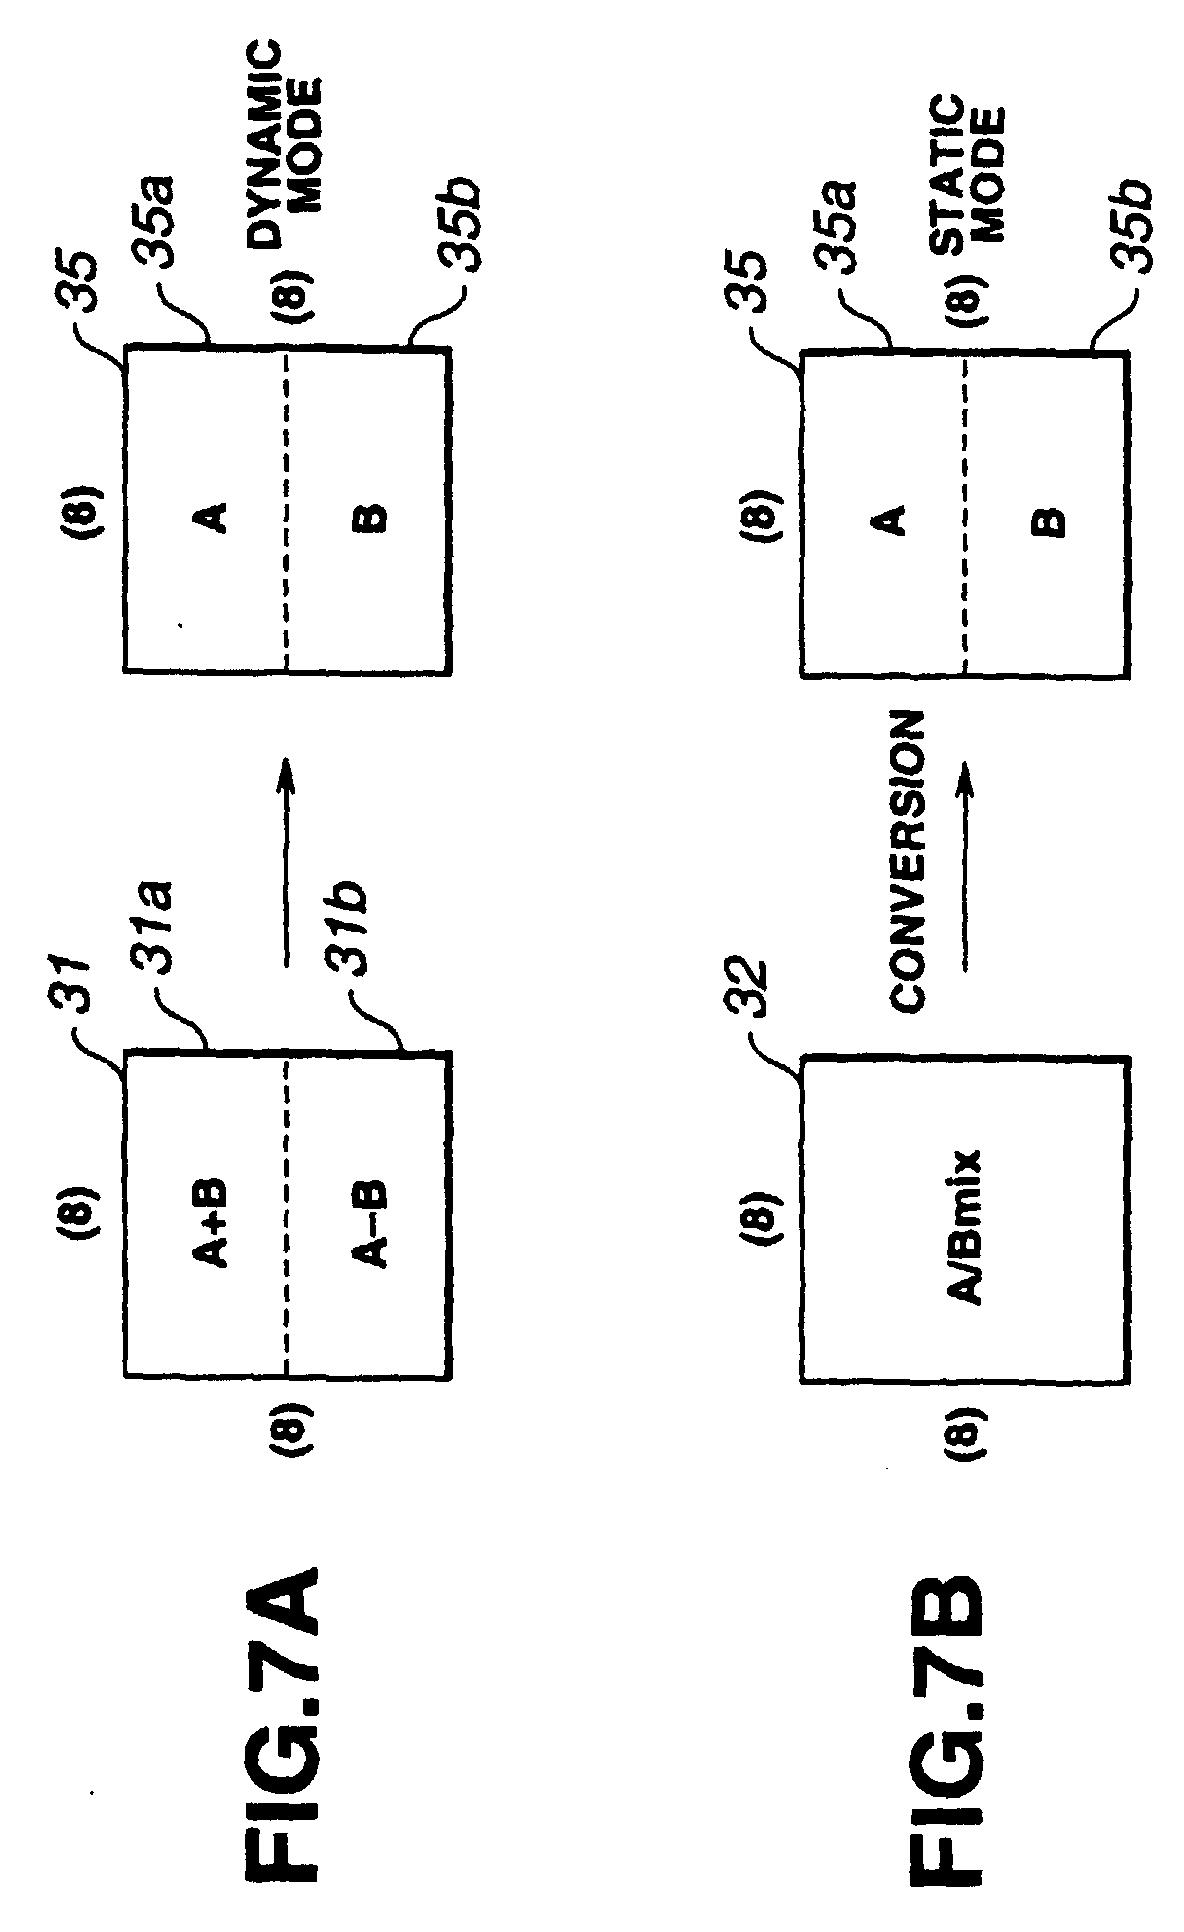 专利ep0951184a1 - method